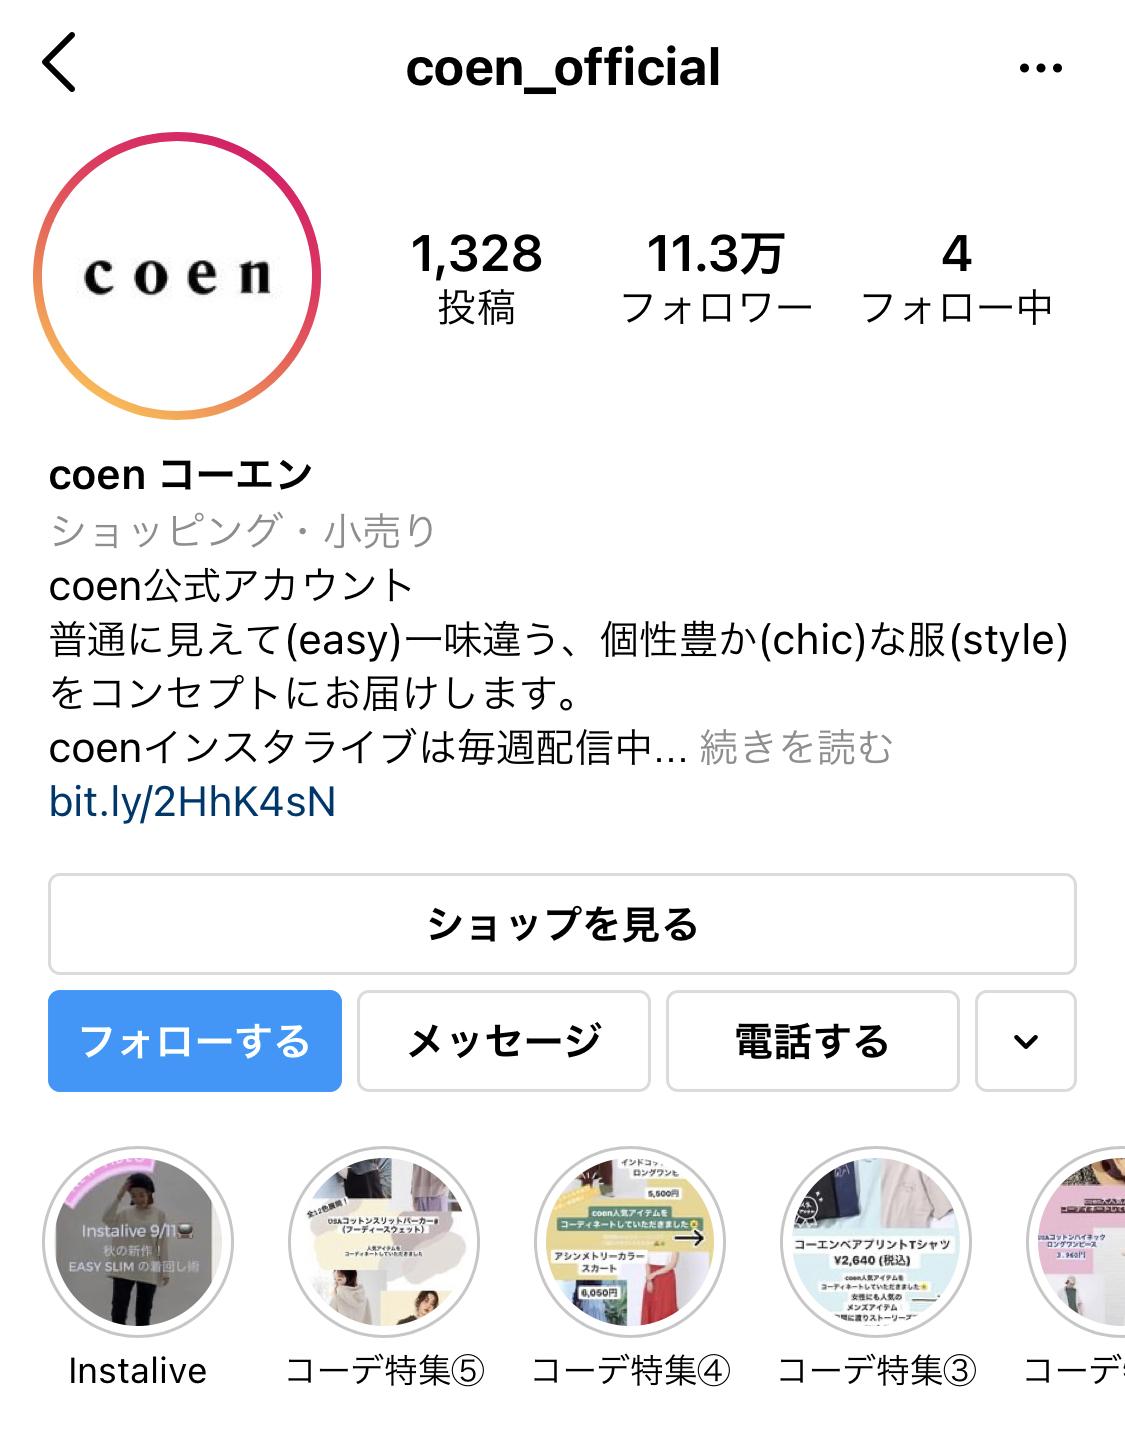 コーエン公式Instagram